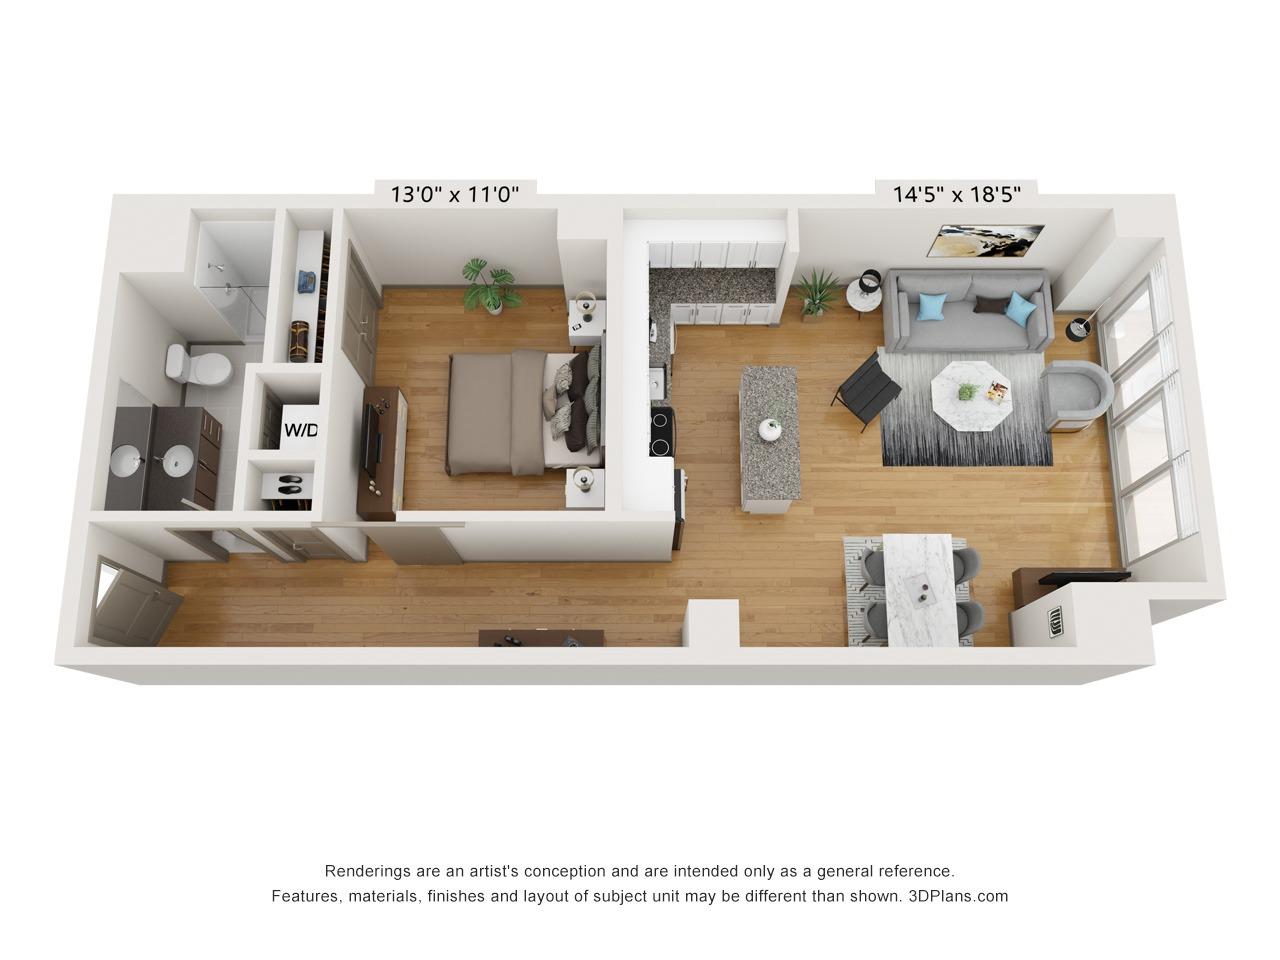 A1M - 1 Bed 1 Bath - 920 SF